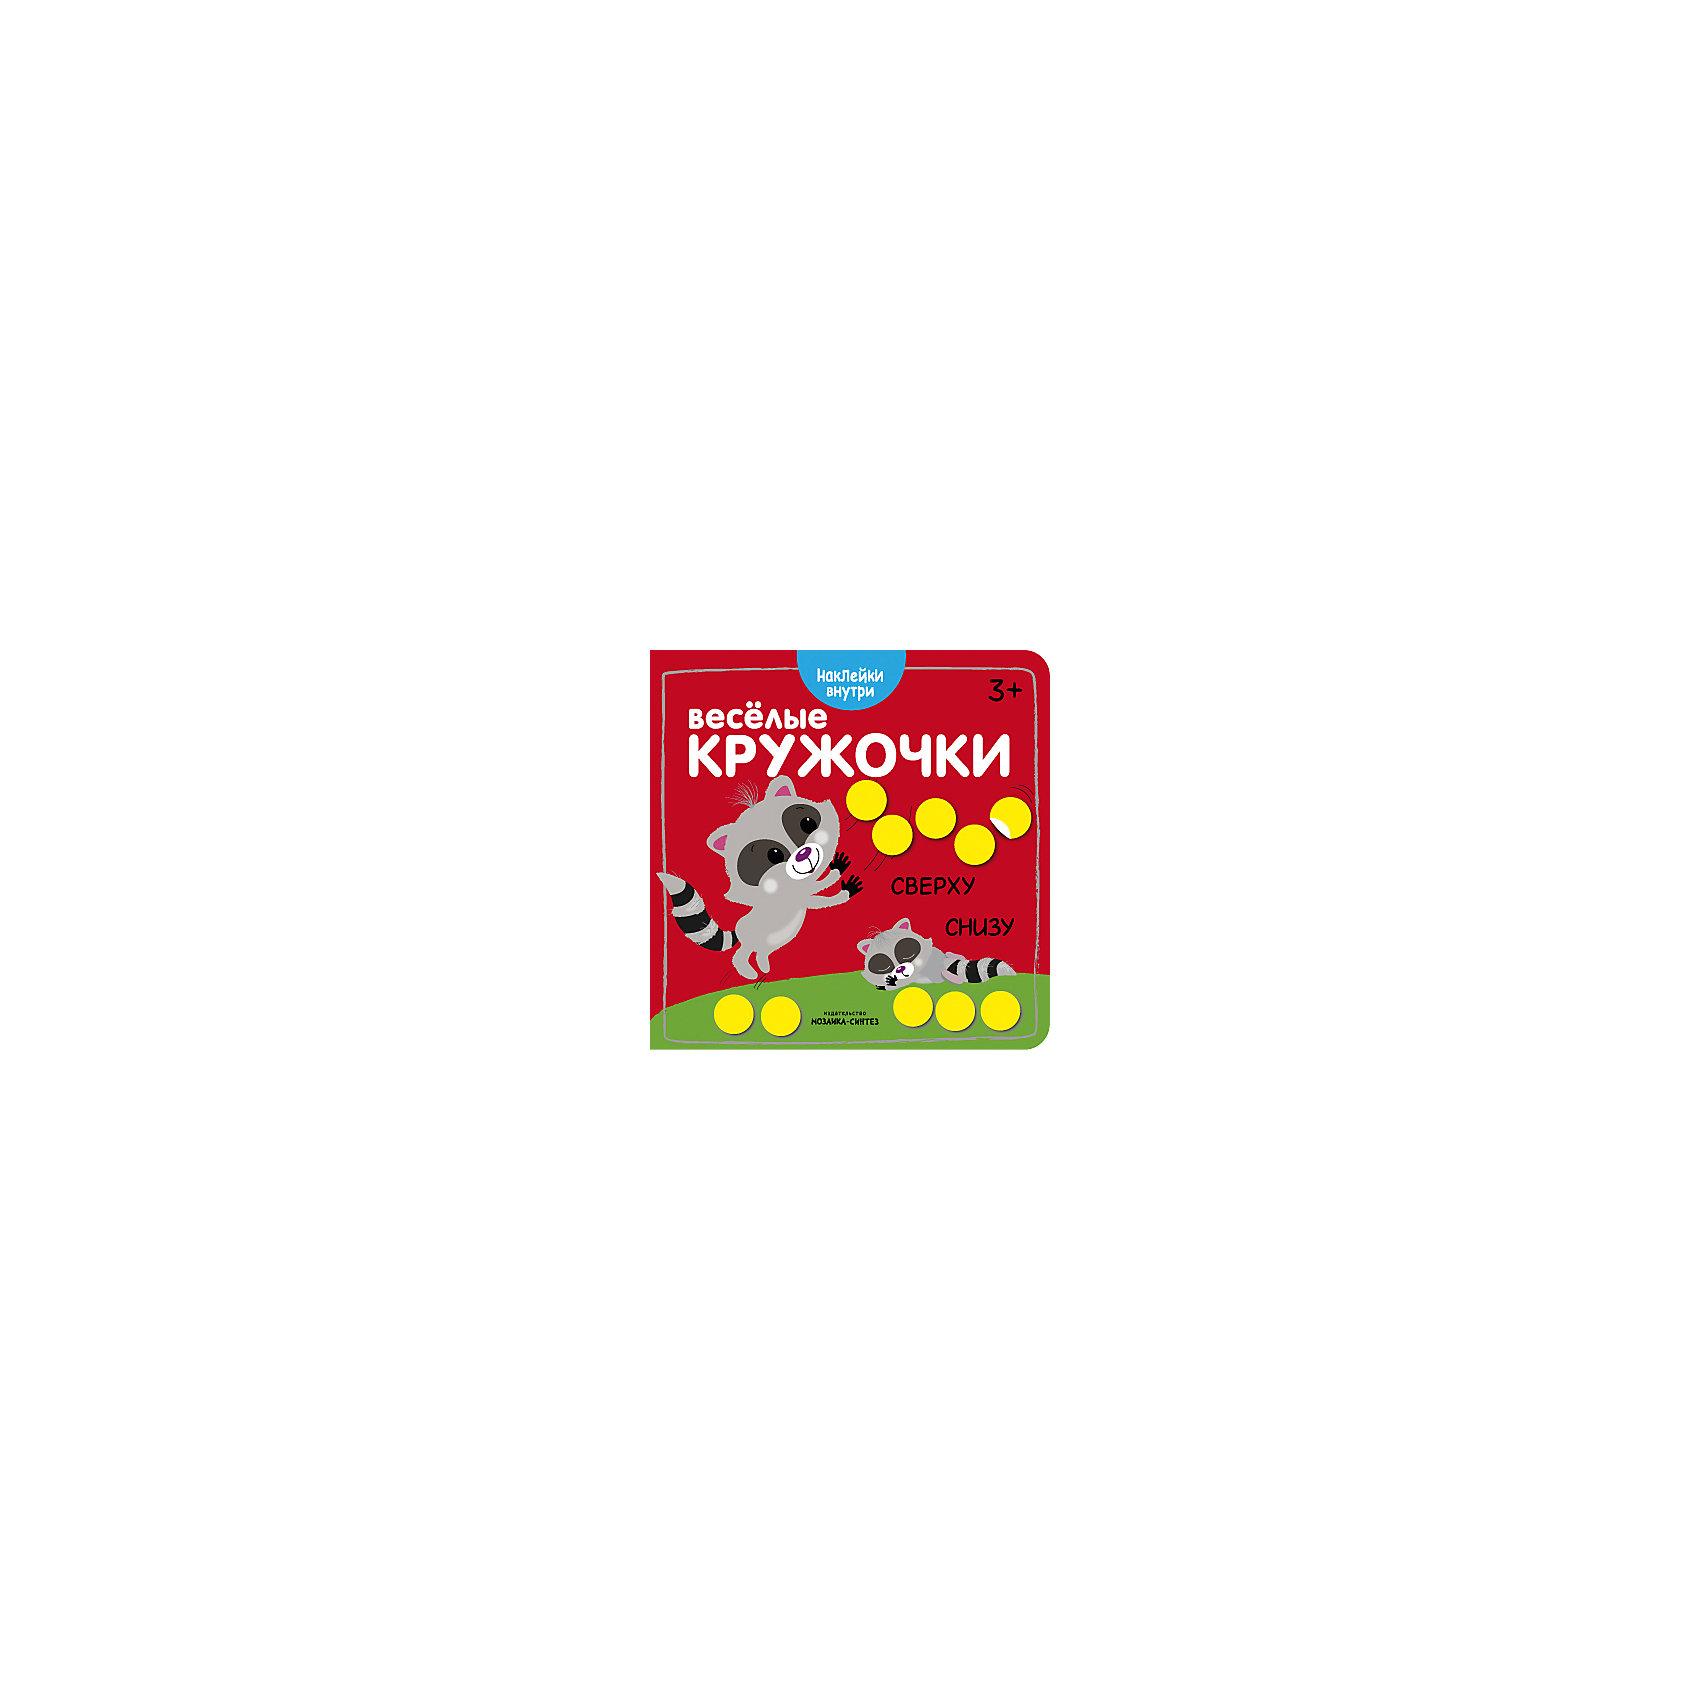 Книжка Веселые кружочки, Сверху-снизу, Мозаика-СинтезИзучаем цвета и формы<br>Книжка Веселые кружочки, Сверху-снизу, Мозаика-Синтез<br><br>Характеристики:<br><br>• Издательство: МОЗАИКА-СИНТЕЗ<br>• 978-5-43151-045-8<br>• Тип: книга с многоразовыми наклейками.<br>• Раздел знаний: ознакомление с окружающим миром.<br>• Возраст: 2-4 года.<br>• Размер книги: 225х225 мм.<br>• Количество страниц: 12.<br><br>А ваш малыш уже знает, что такое противоположности? С яркой книжкой из серии «Веселые кружочки» он легко научится различать понятия «сверху» и «снизу». В ней есть все, что так нравится детям – красочные иллюстрации, очаровательные животные и много разноцветных наклеек-кружочков. <br><br>Выполняя увлекательные задания, ребенок изучит цвета, а также сможет развить мелкую моторику, внимательность и наблюдательность.<br><br>Книгу Веселые кружочки, Сверху-снизу, Мозаика-Синтез, можно купить в нашем интернет – магазине<br><br>Ширина мм: 2<br>Глубина мм: 225<br>Высота мм: 225<br>Вес г: 69<br>Возраст от месяцев: 24<br>Возраст до месяцев: 48<br>Пол: Унисекс<br>Возраст: Детский<br>SKU: 5428894